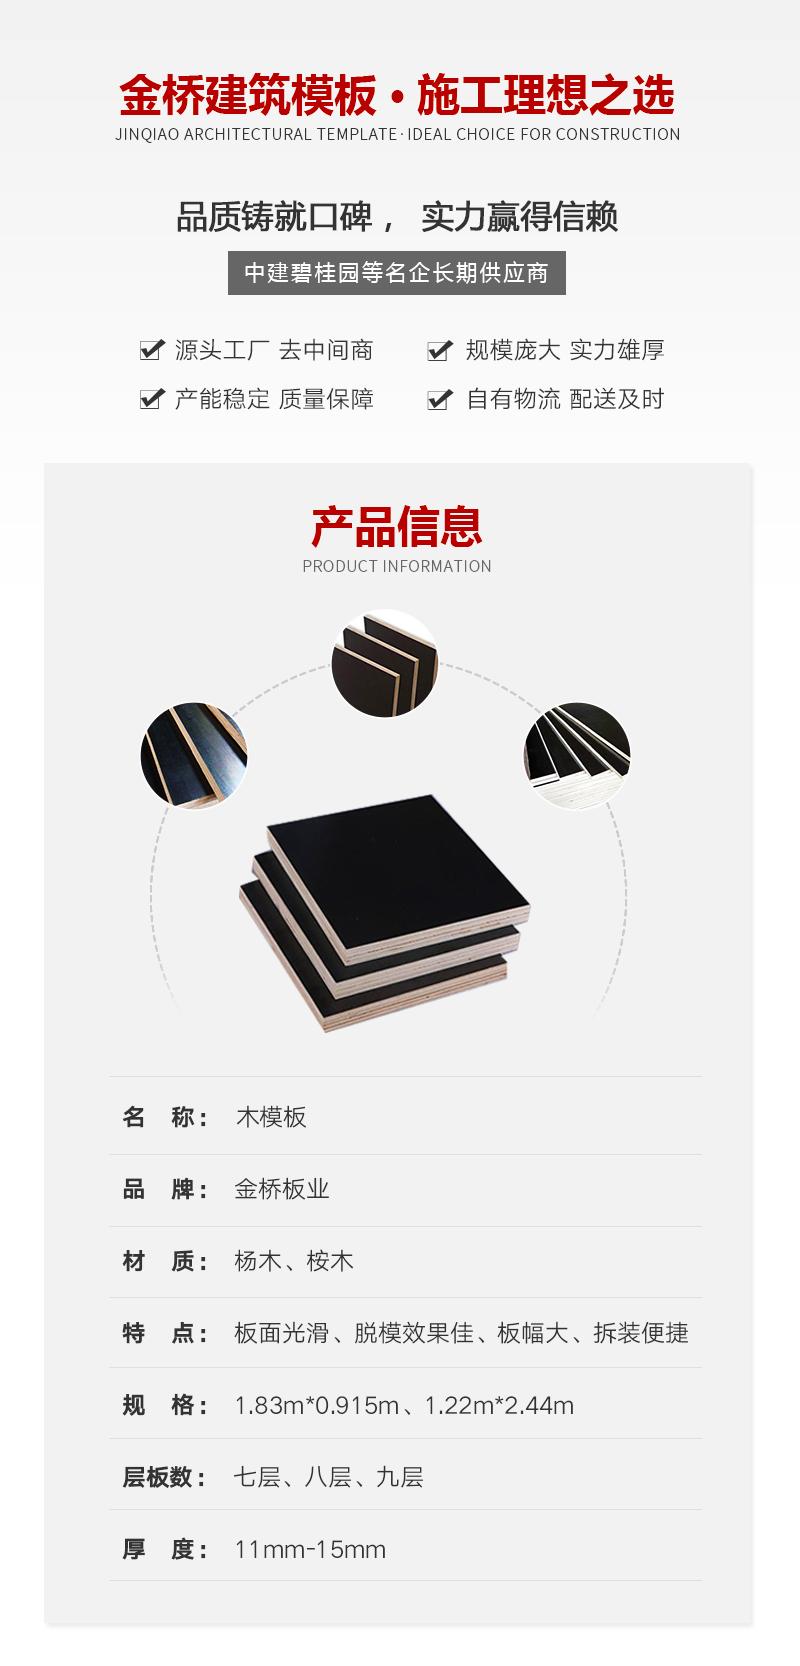 建筑清水模板金桥板业产品信息介绍